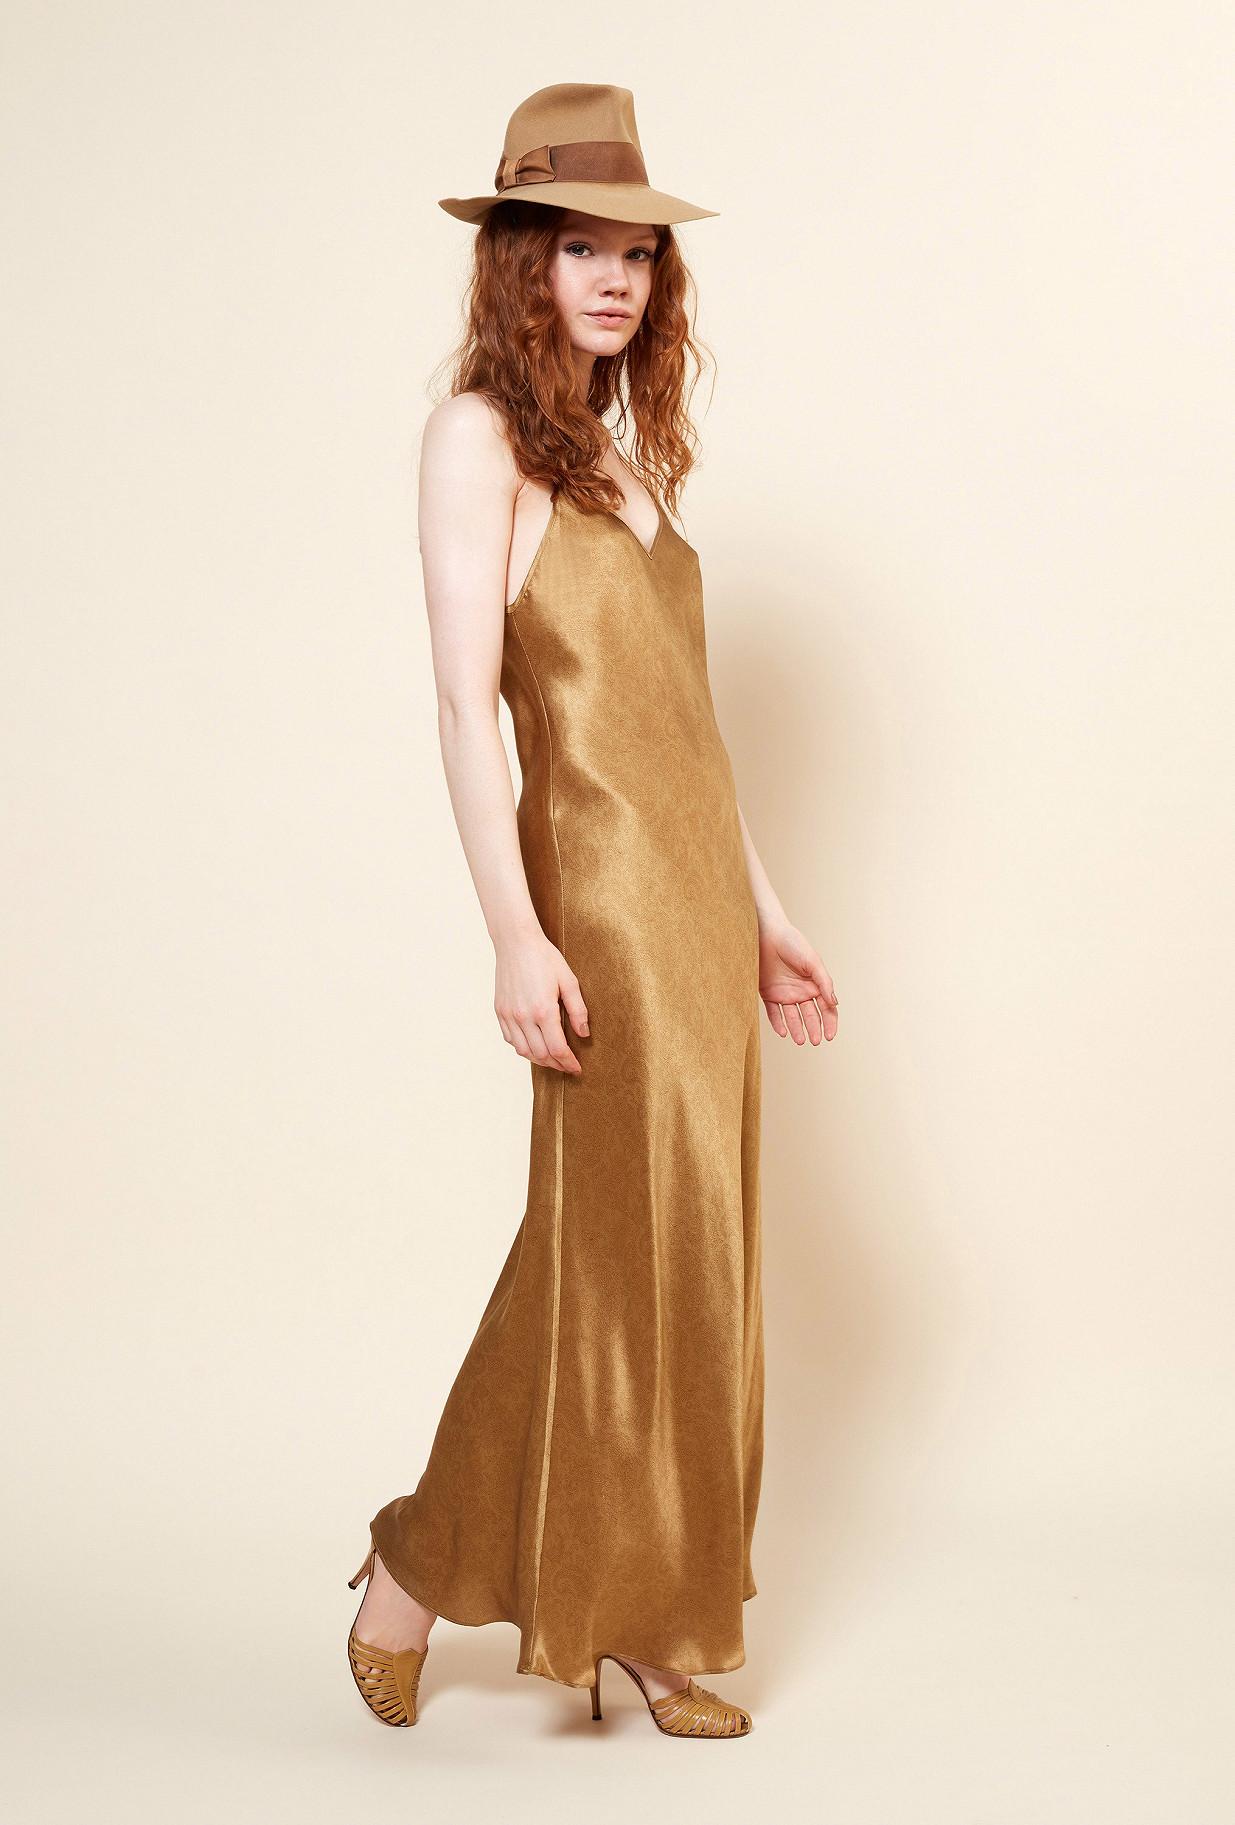 Paris clothes store Dress  Nymphe french designer fashion Paris